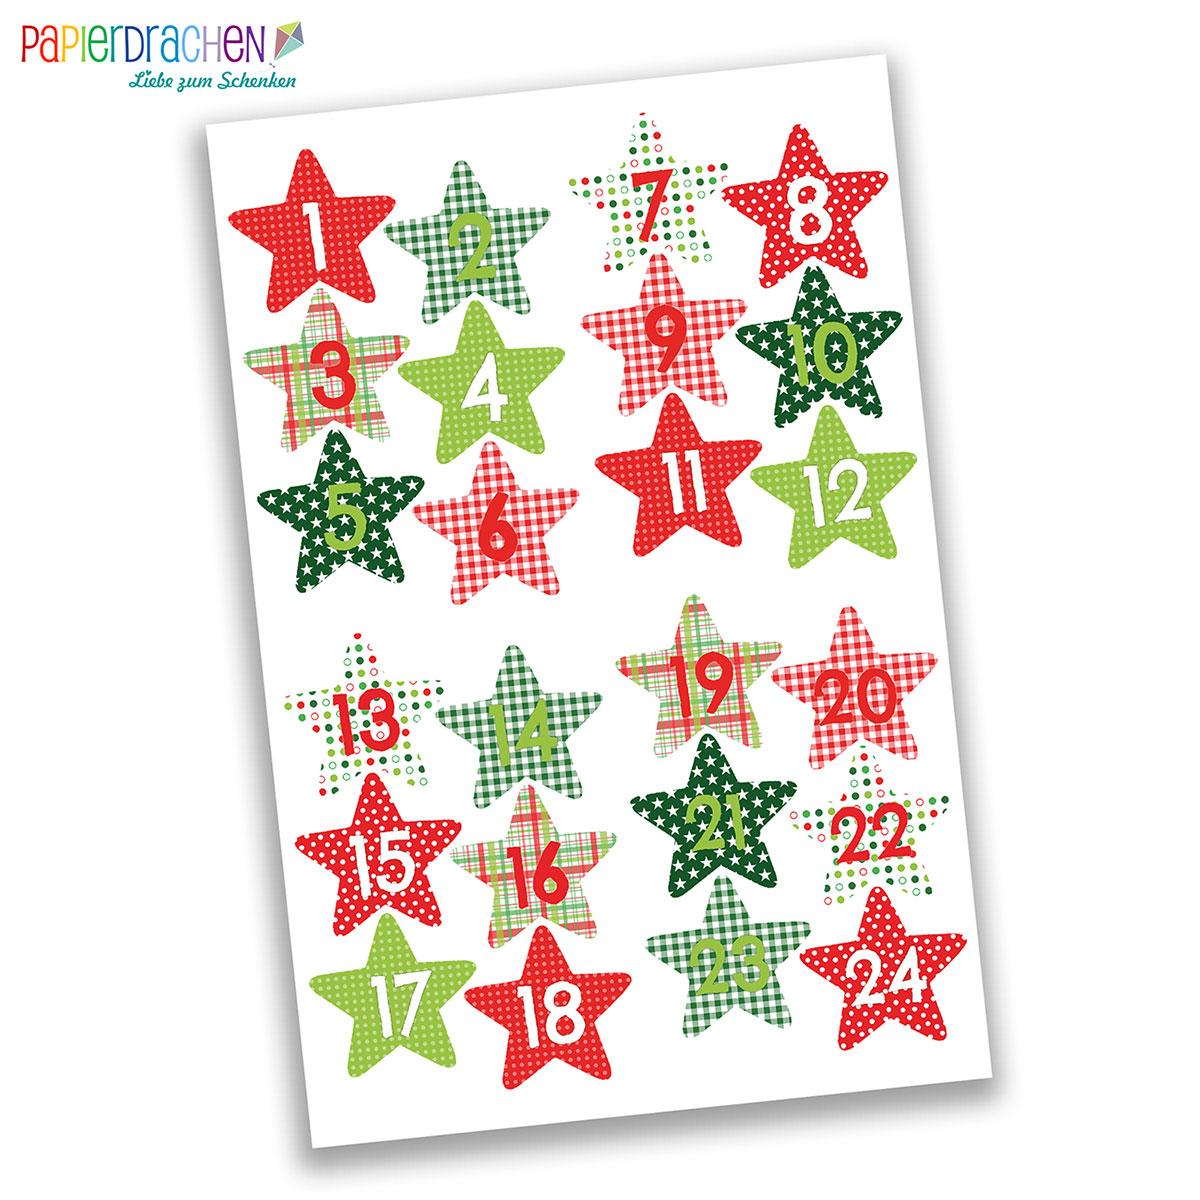 Details Zu Papierdrachen 24 Adventskalender Zahlenaufkleber Design Nr 37